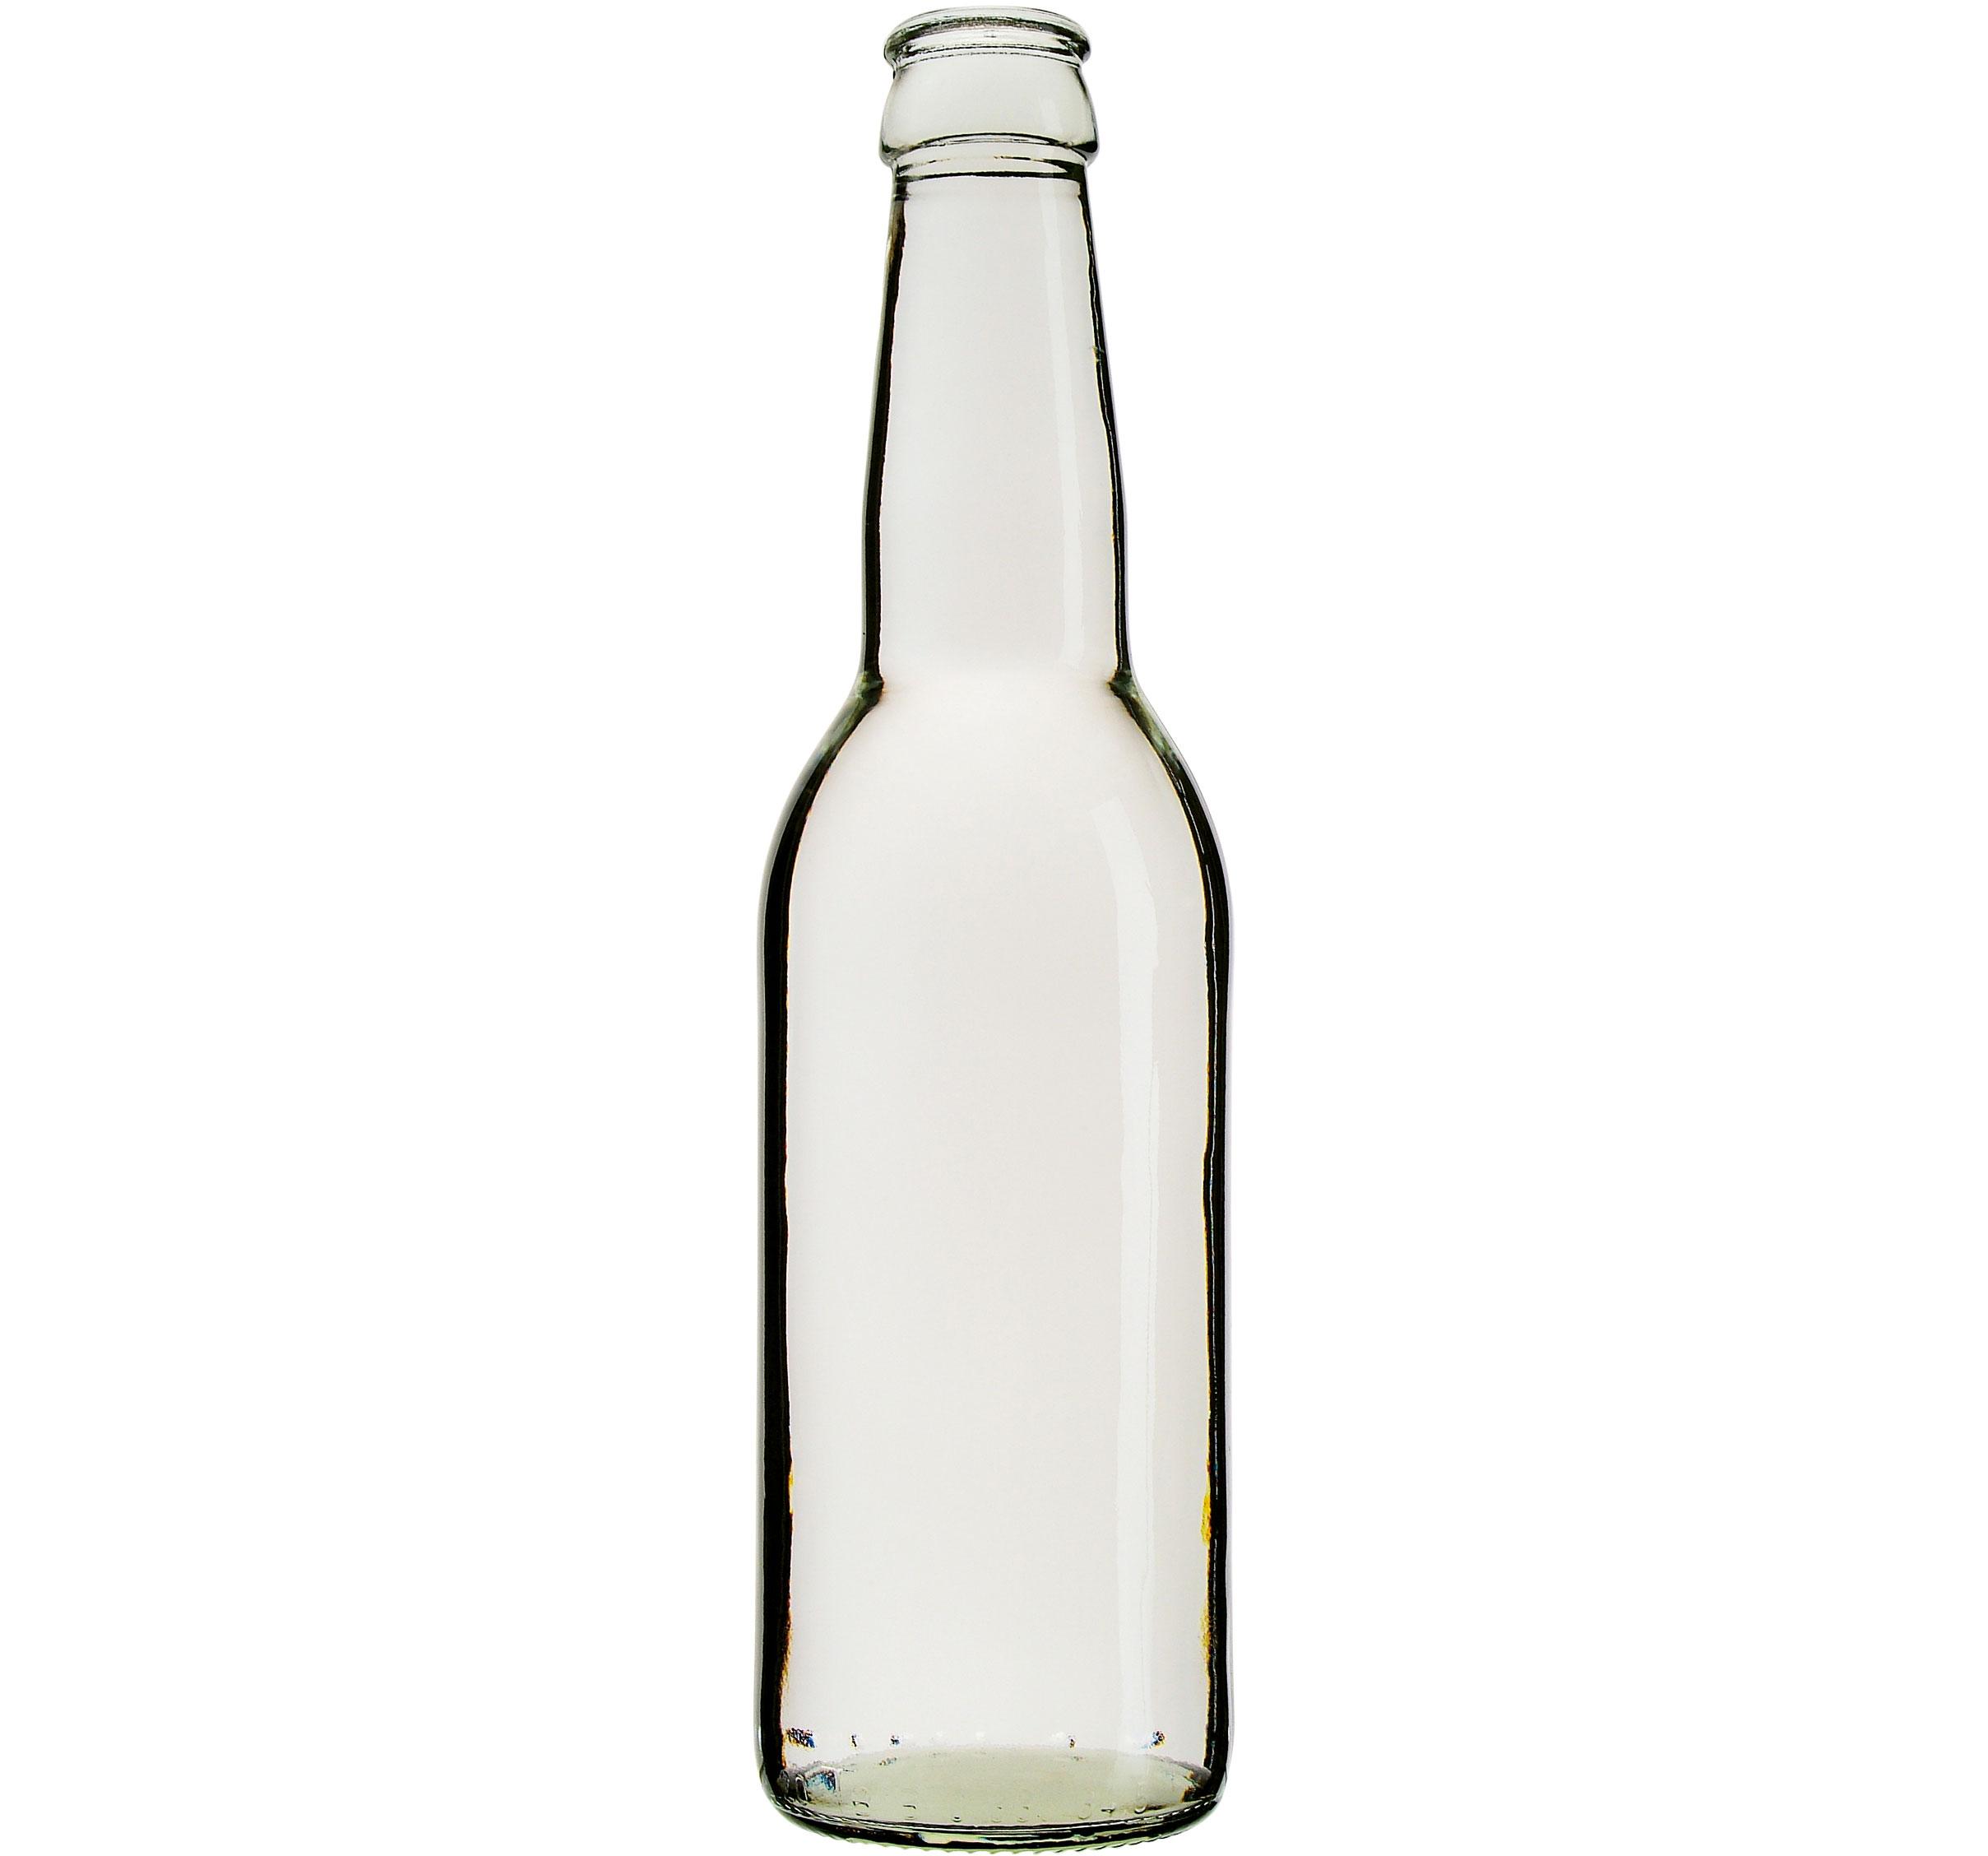 köpa flaskor och kapsyler